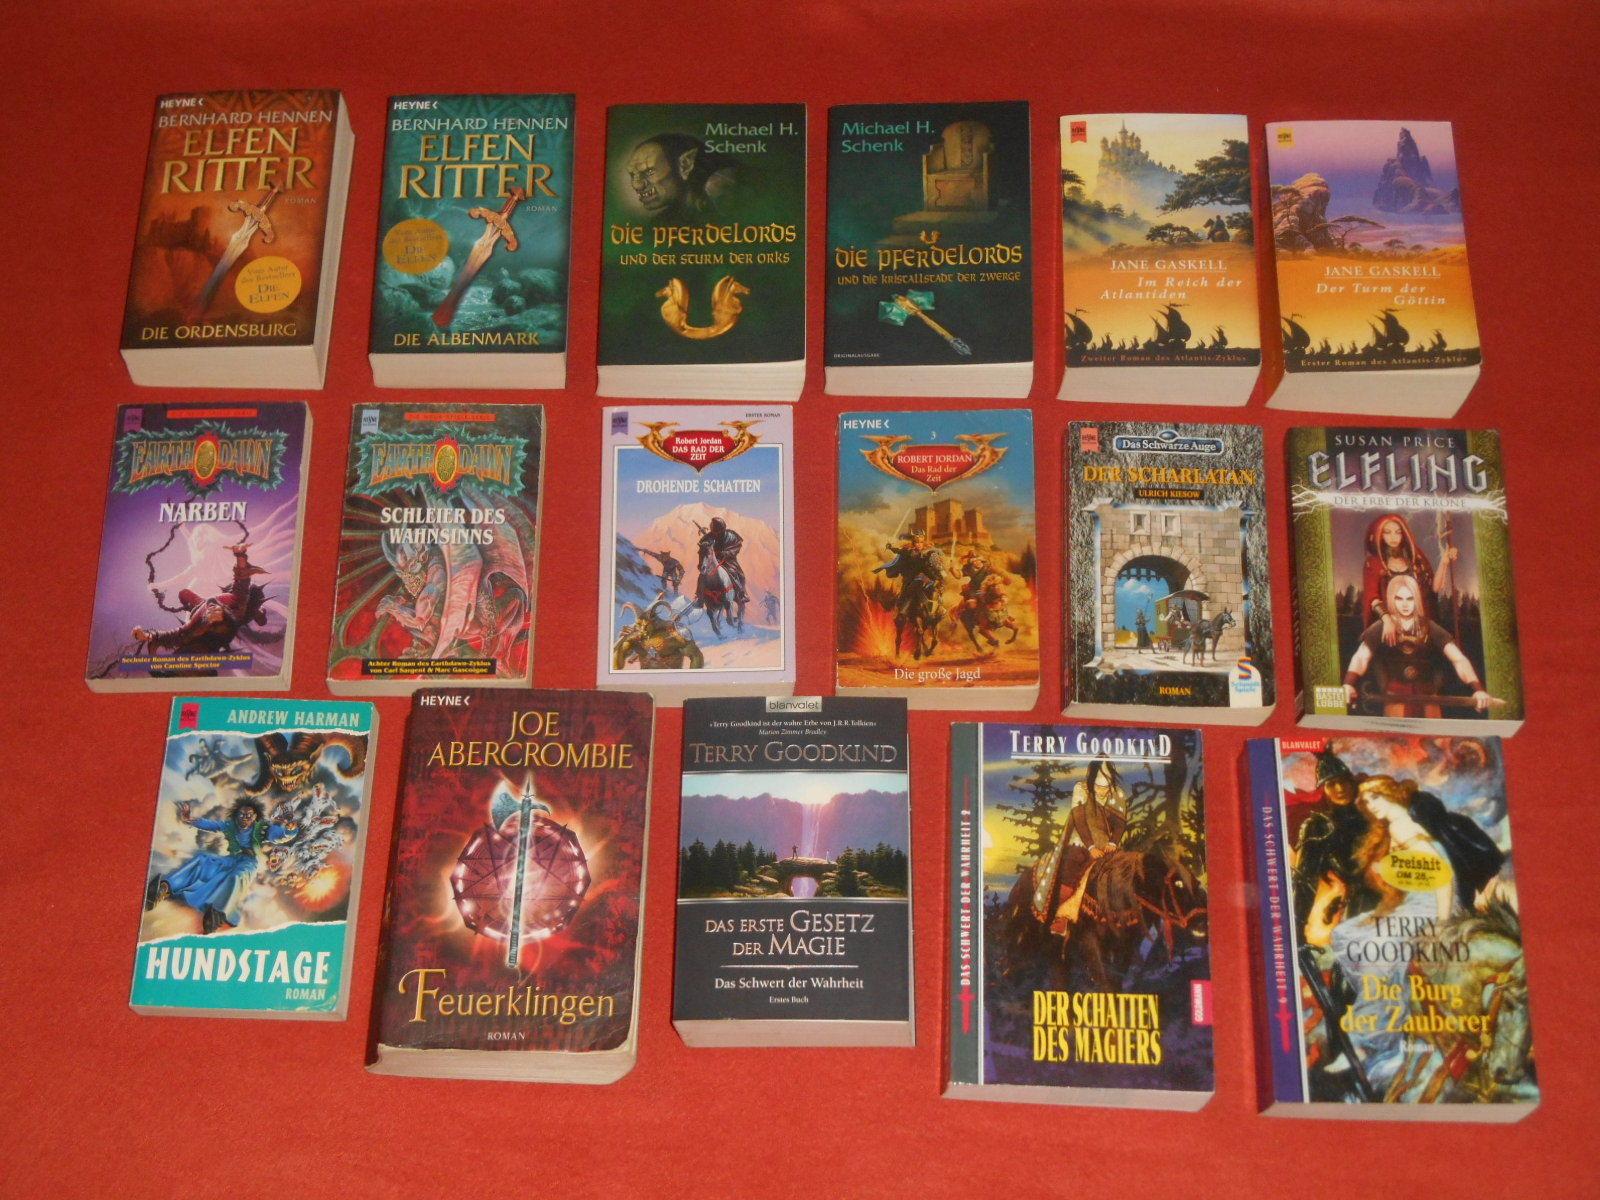 Bücherpaket, tolles Fantasy Bücherpaket, 17 TB